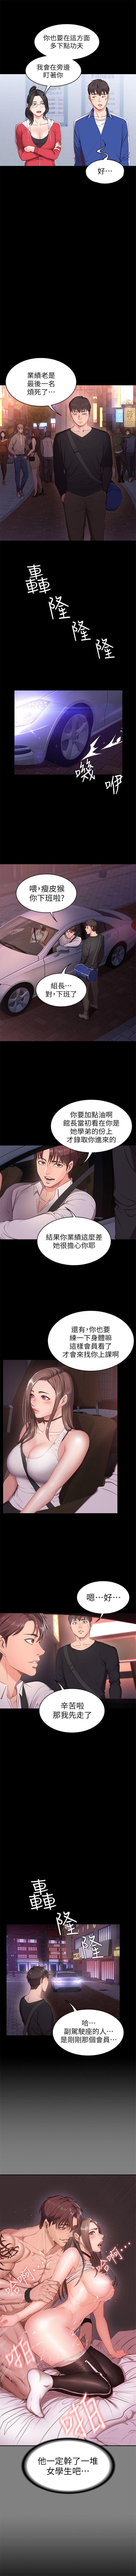 (週3)健身教練 1-37 中文翻譯 (更新中) 4